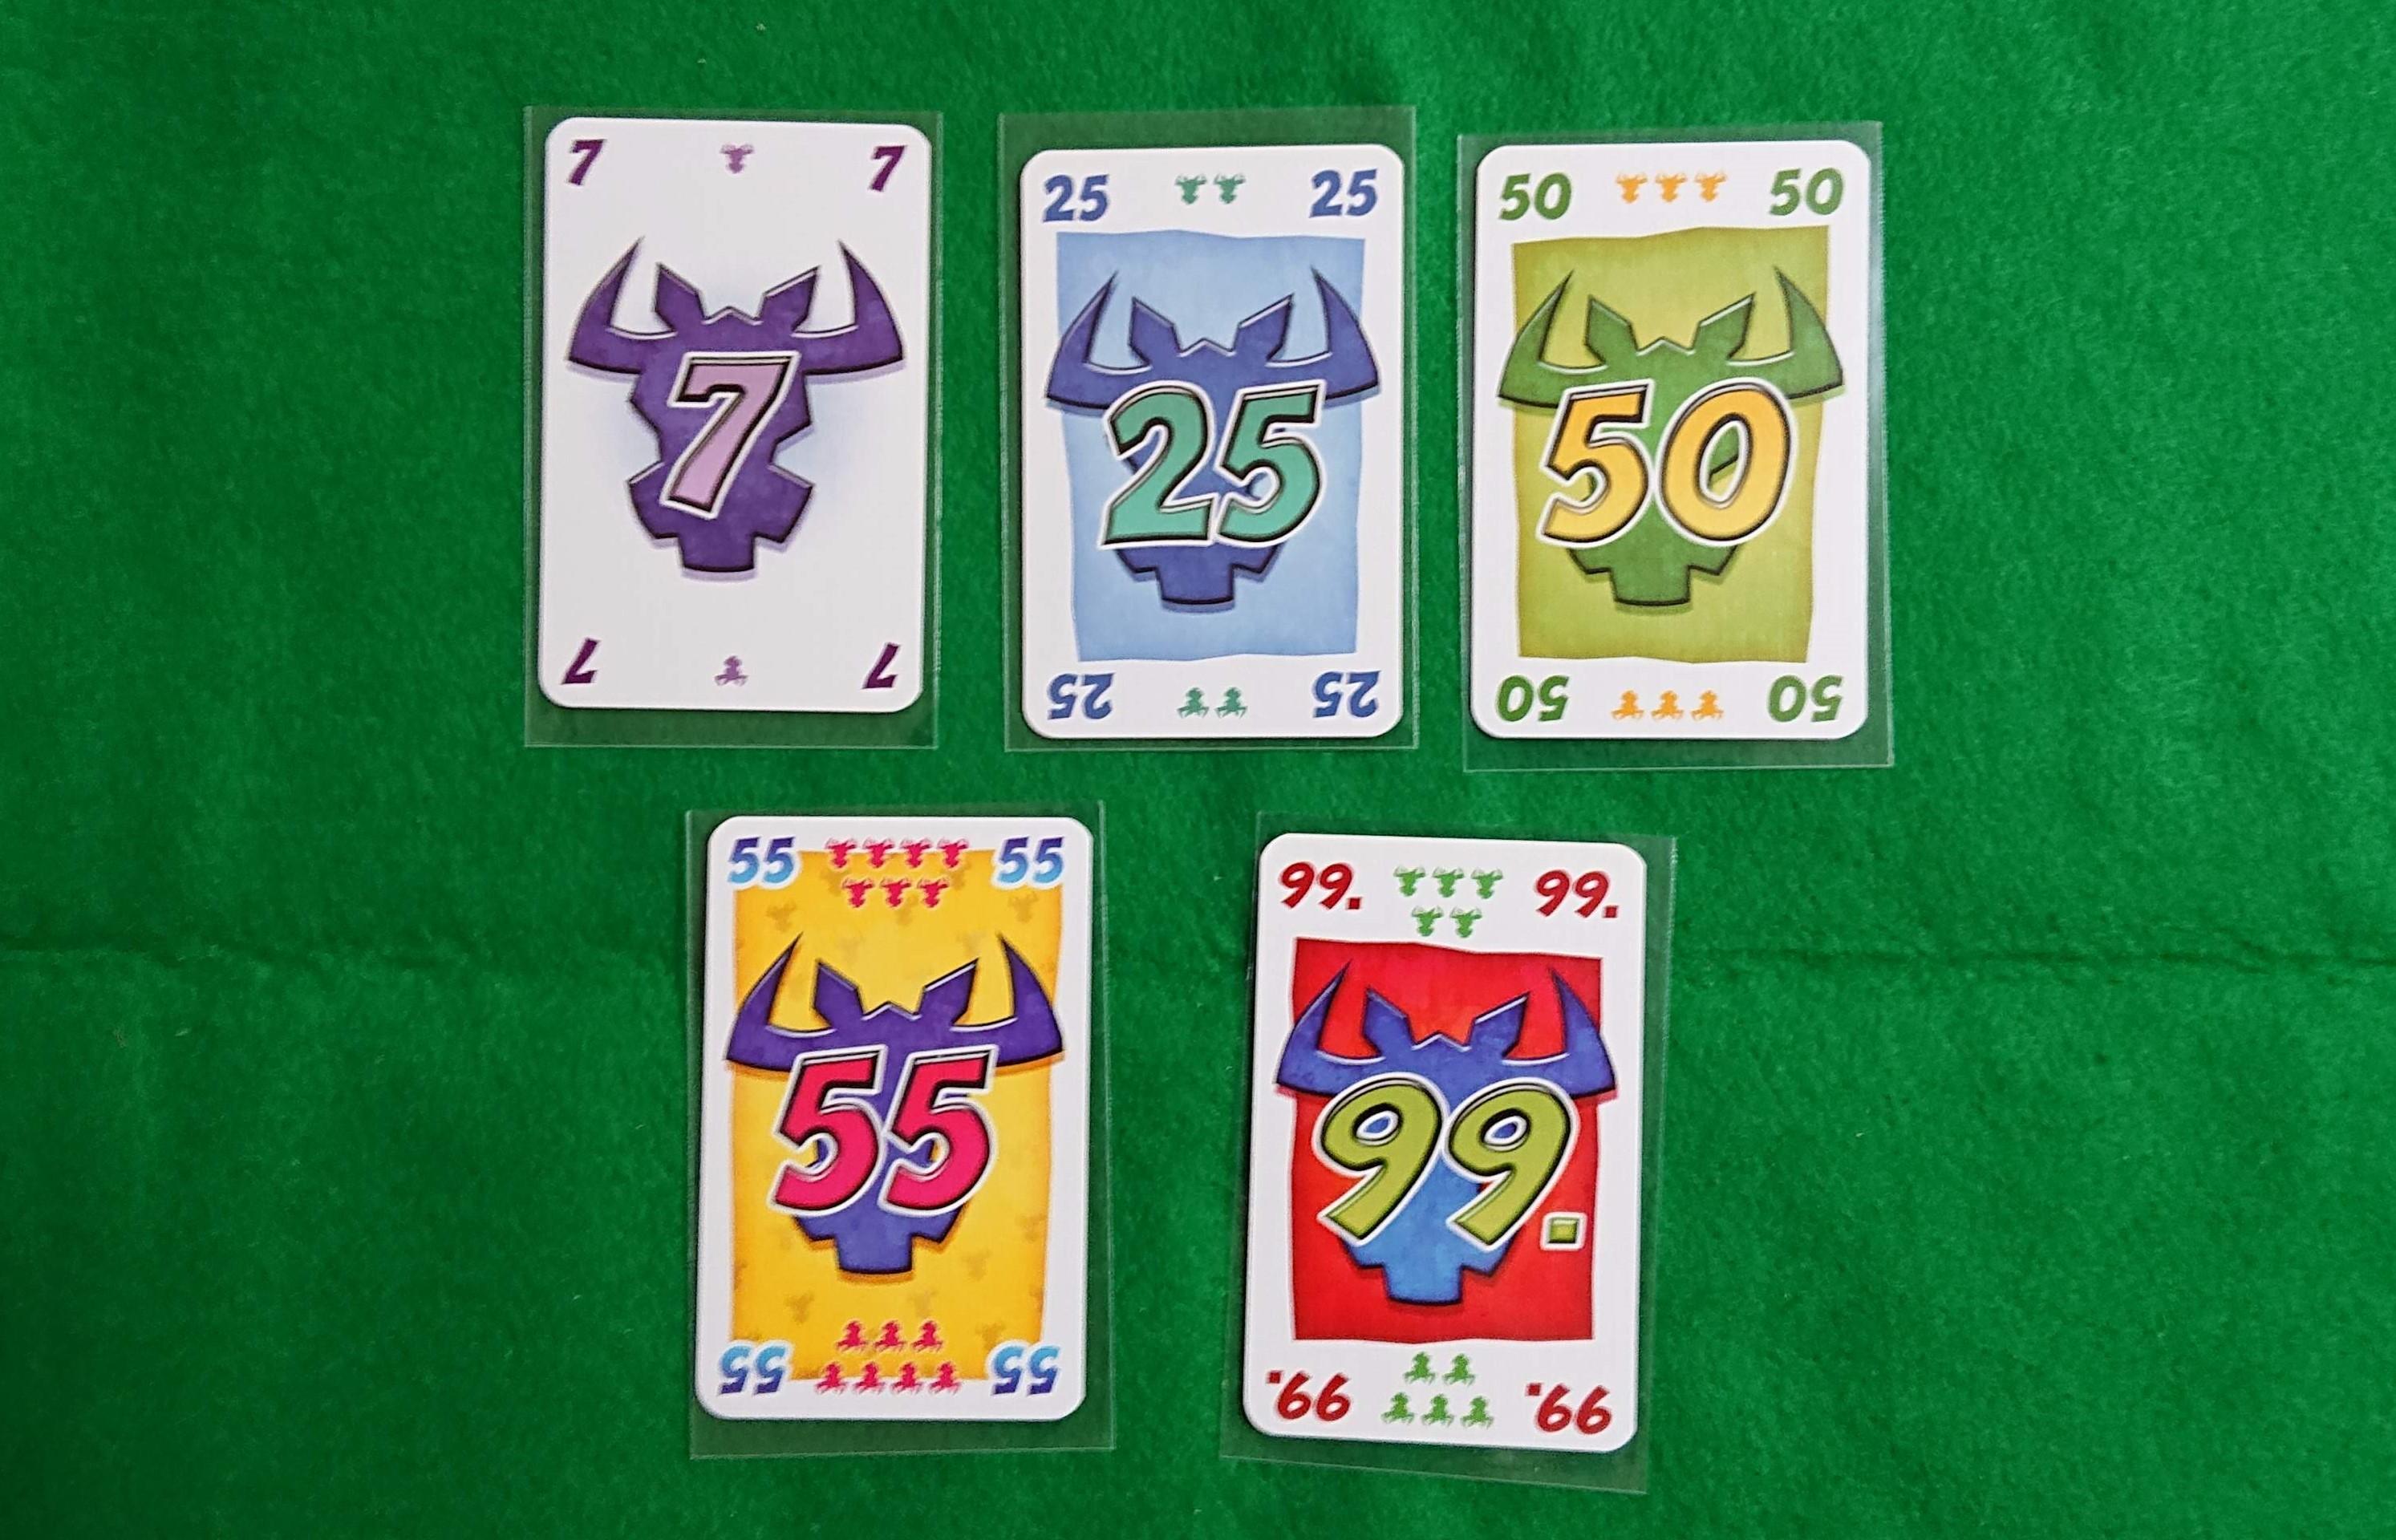 ニムト 有名カードゲーム 牛を他人に押し付けろ! ルール説明 ボードゲーム